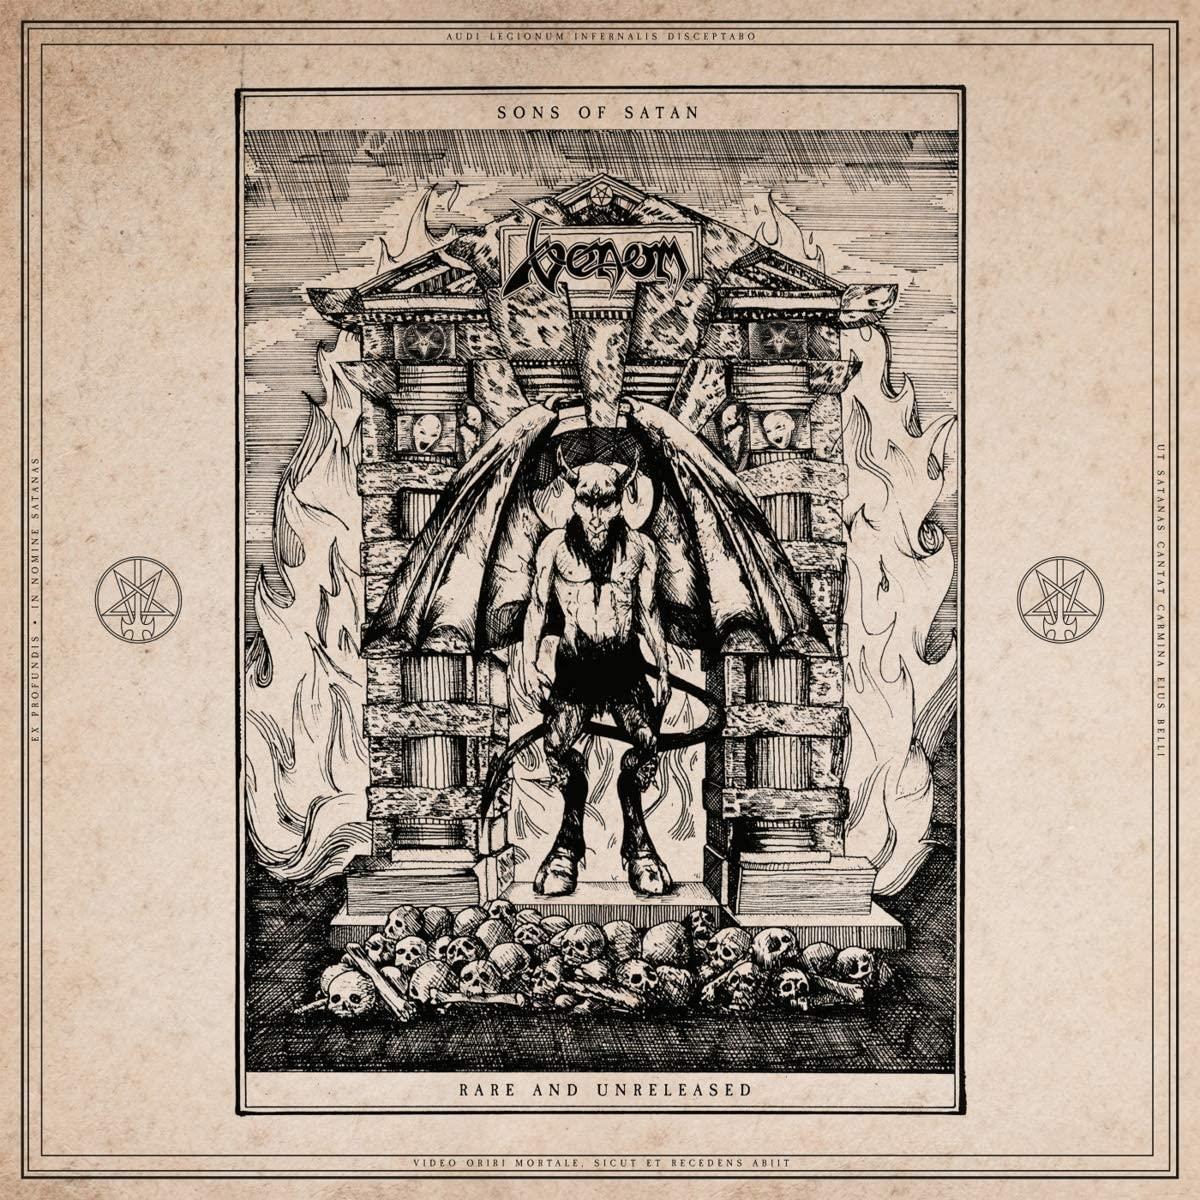 Venom - Sons of Satan [2xLP]